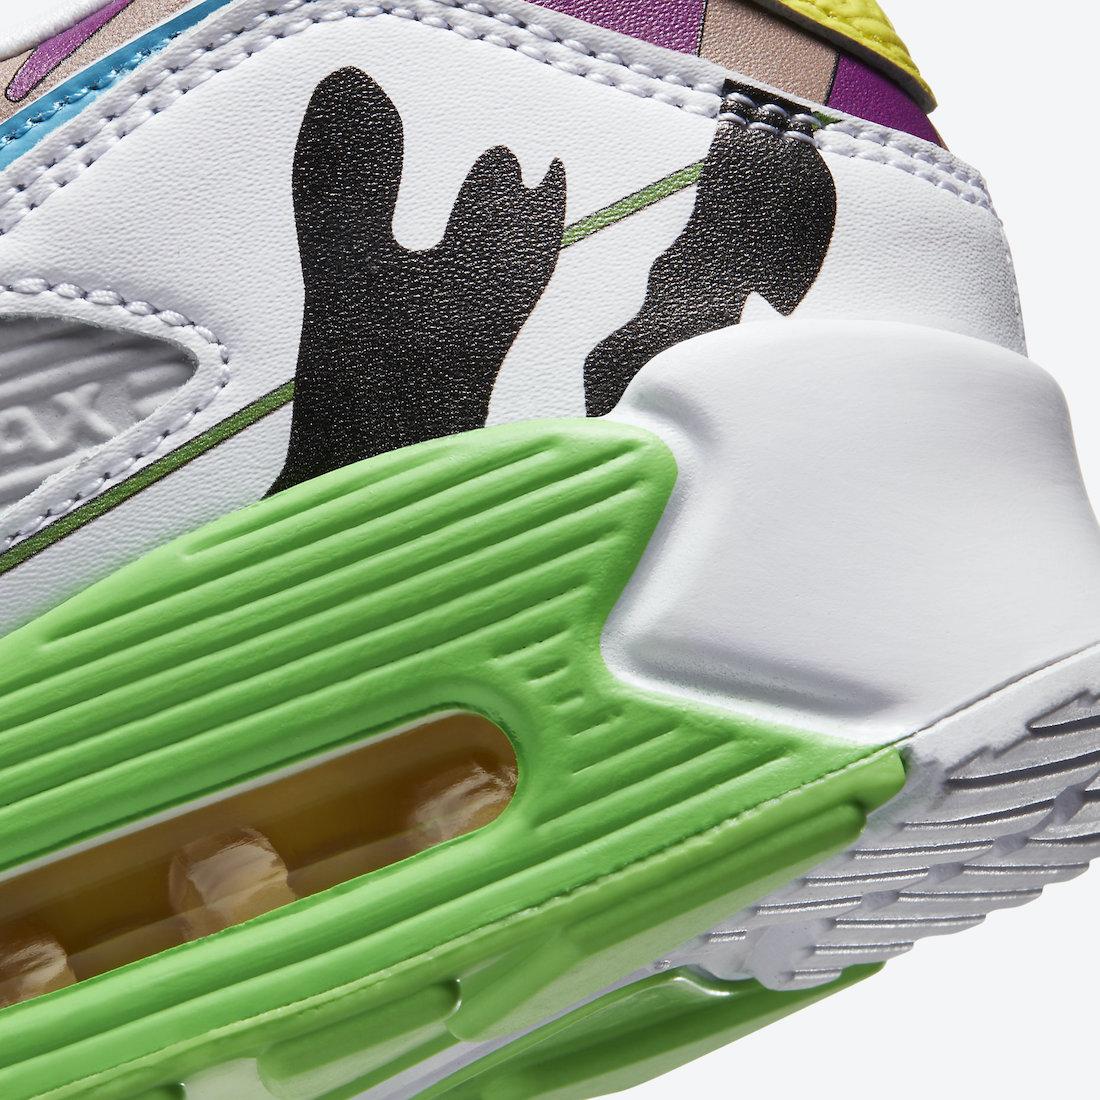 Ruohan Wang Nike Air Max 90 CZ3992-900 Release Date